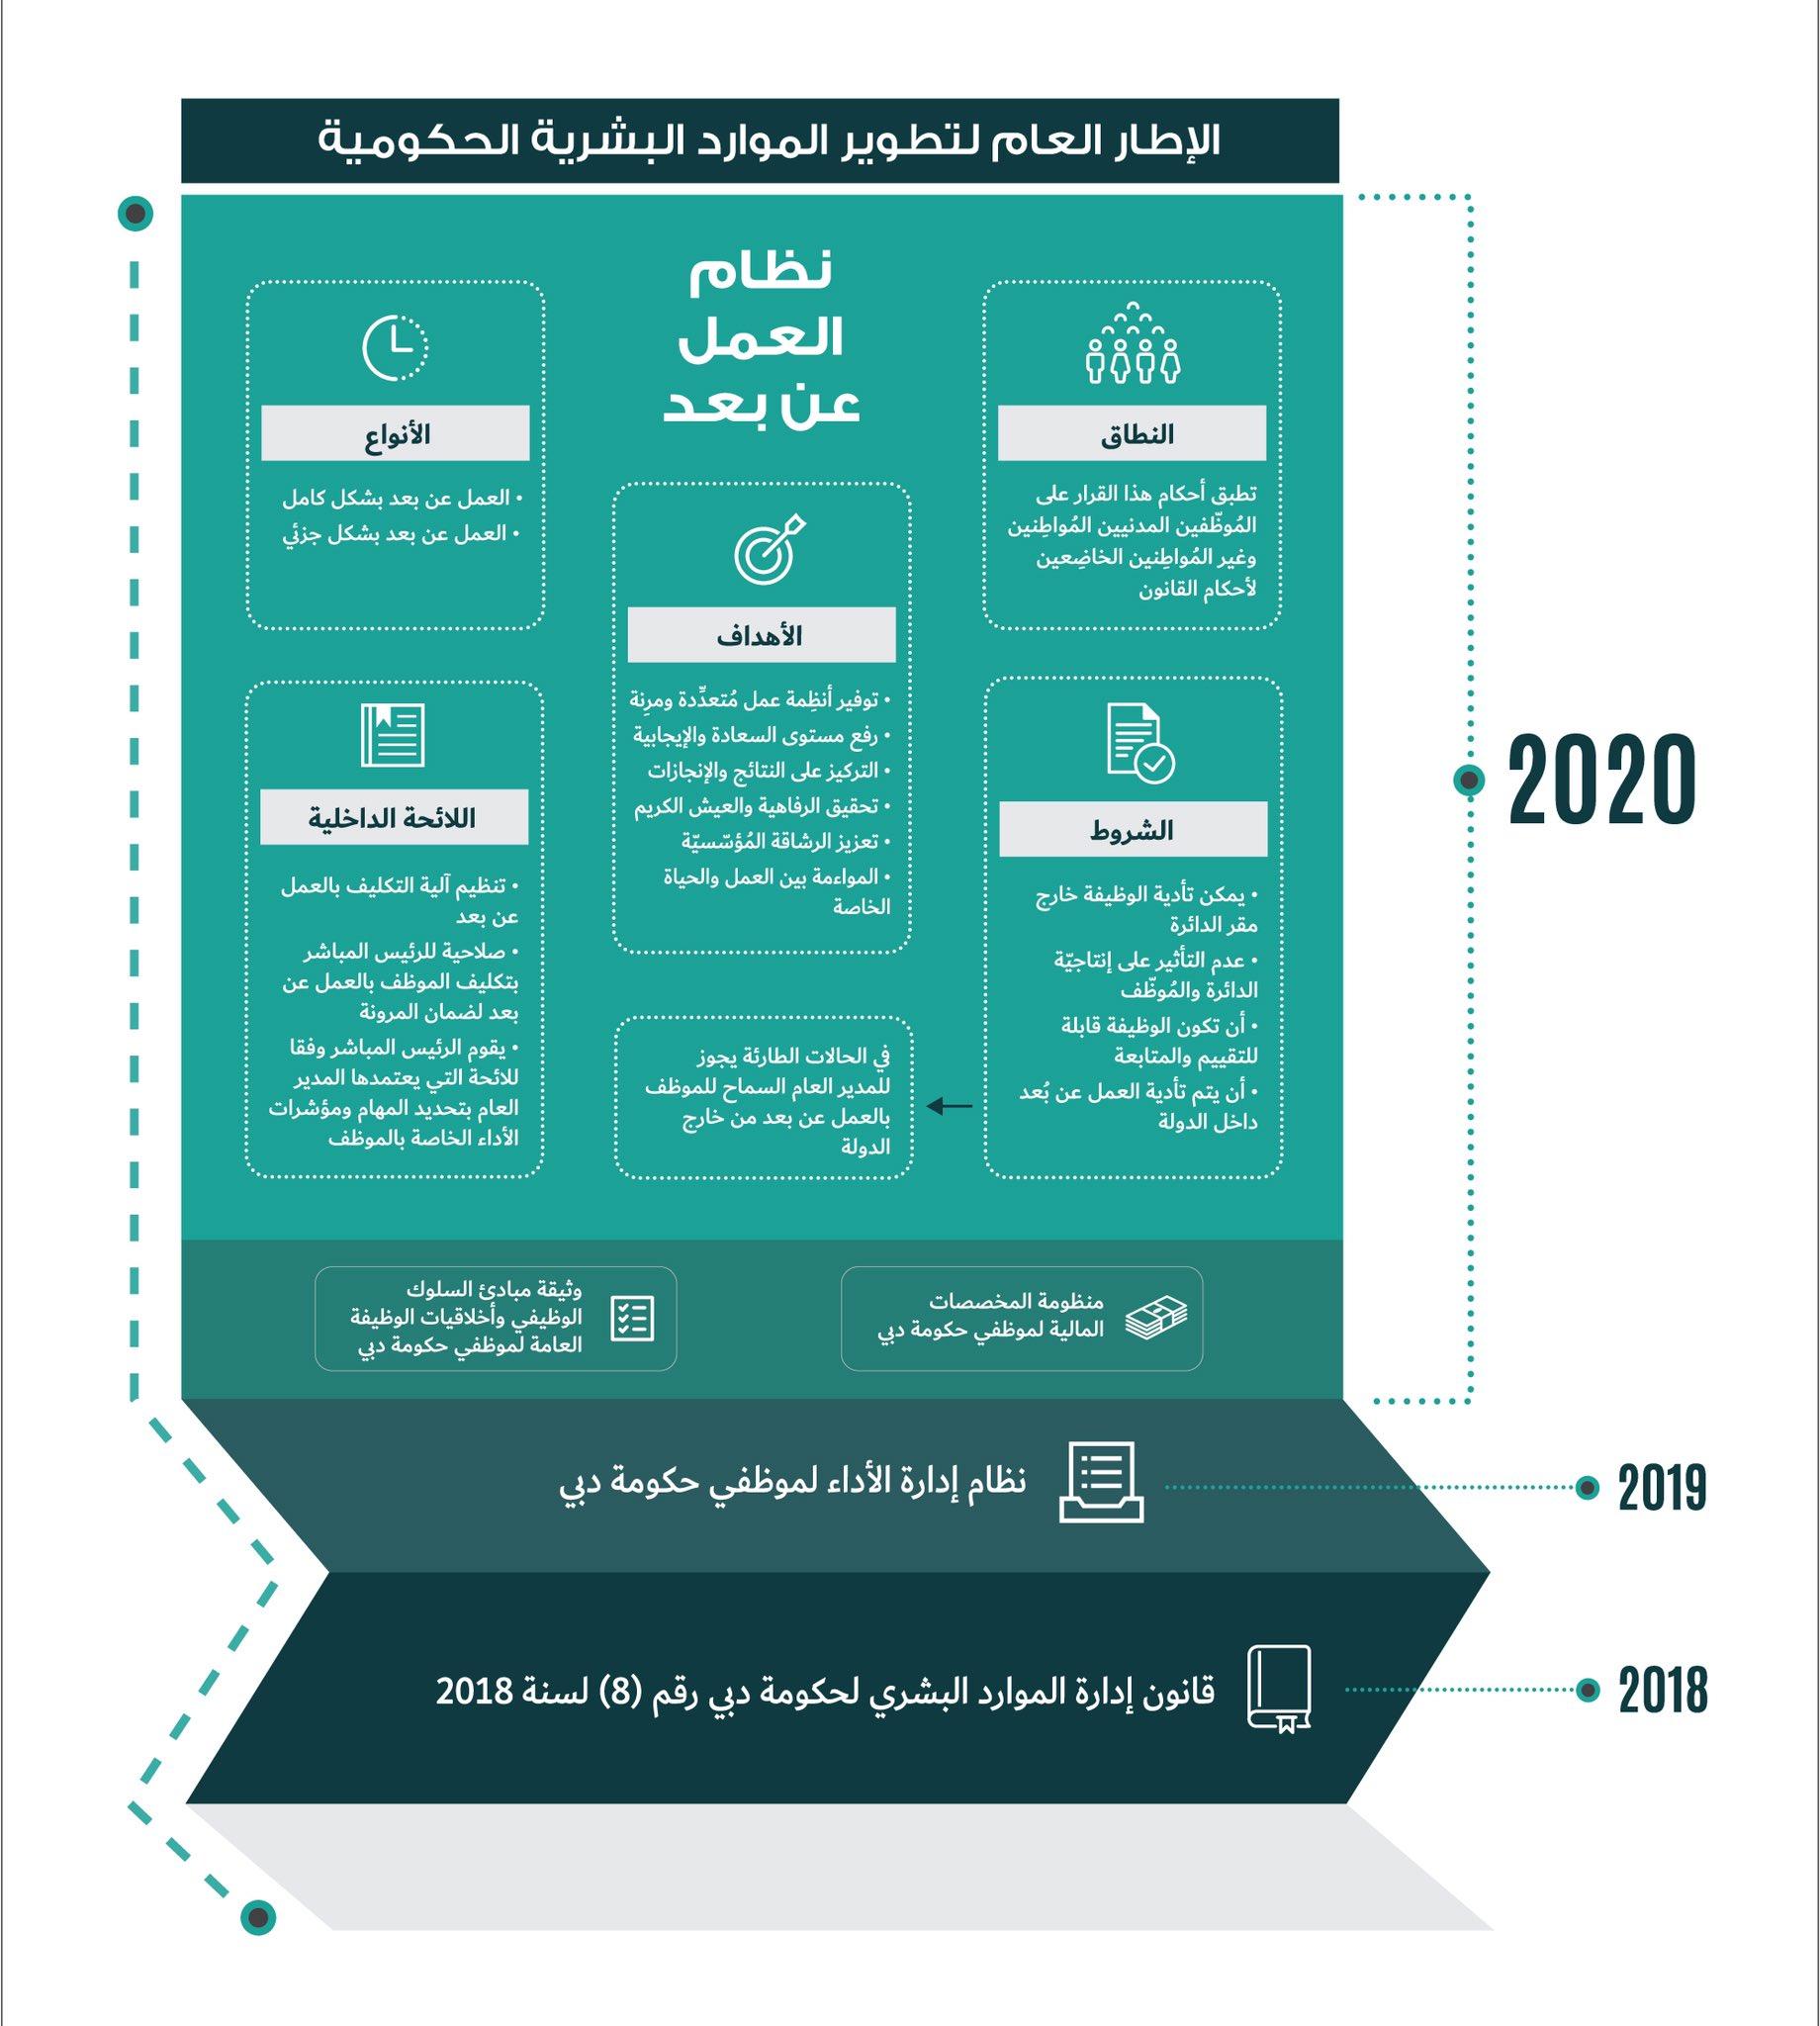 رسمياً ورد الآن: ألف ألف مبروك للموظفين المدنيين في الامارات العربية